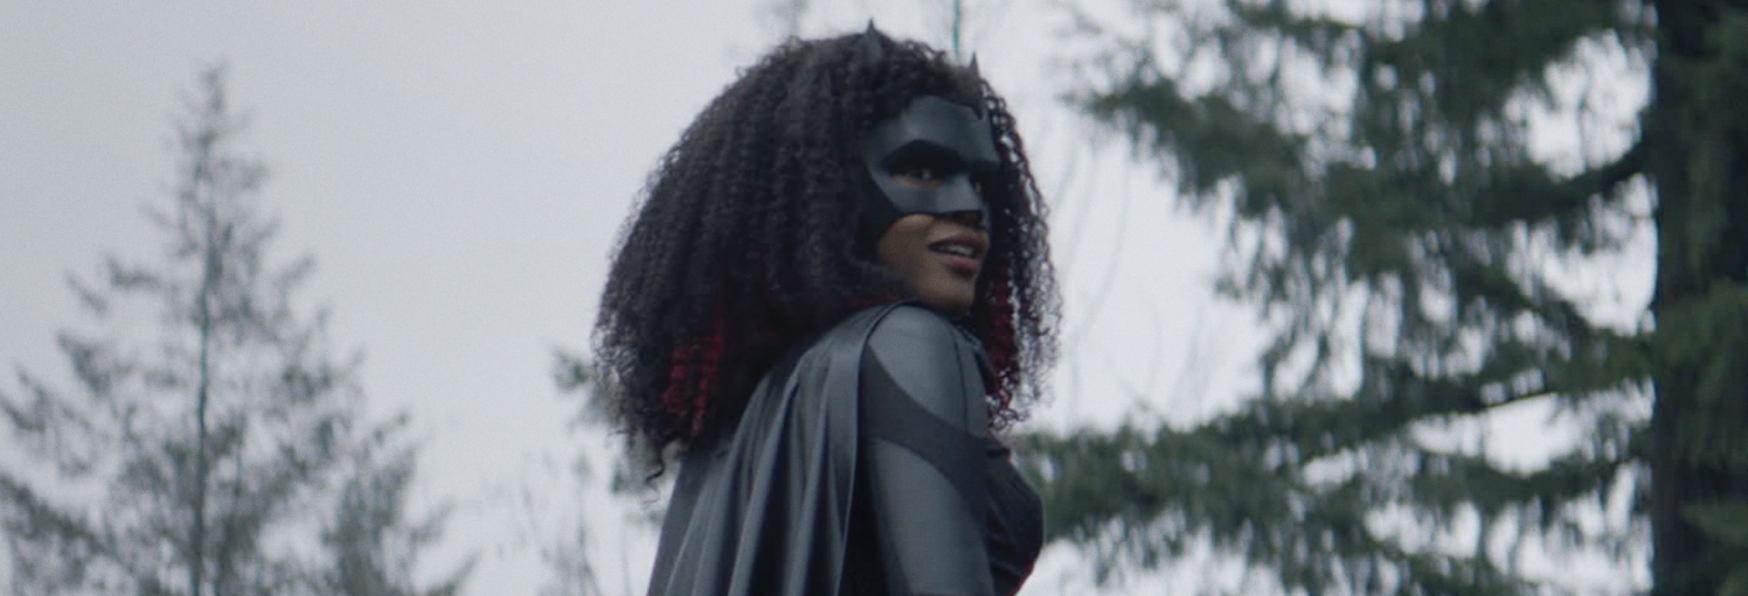 Batwoman 2: Rilasciata la Sinossi del Decimo Episodio della nuova Stagione